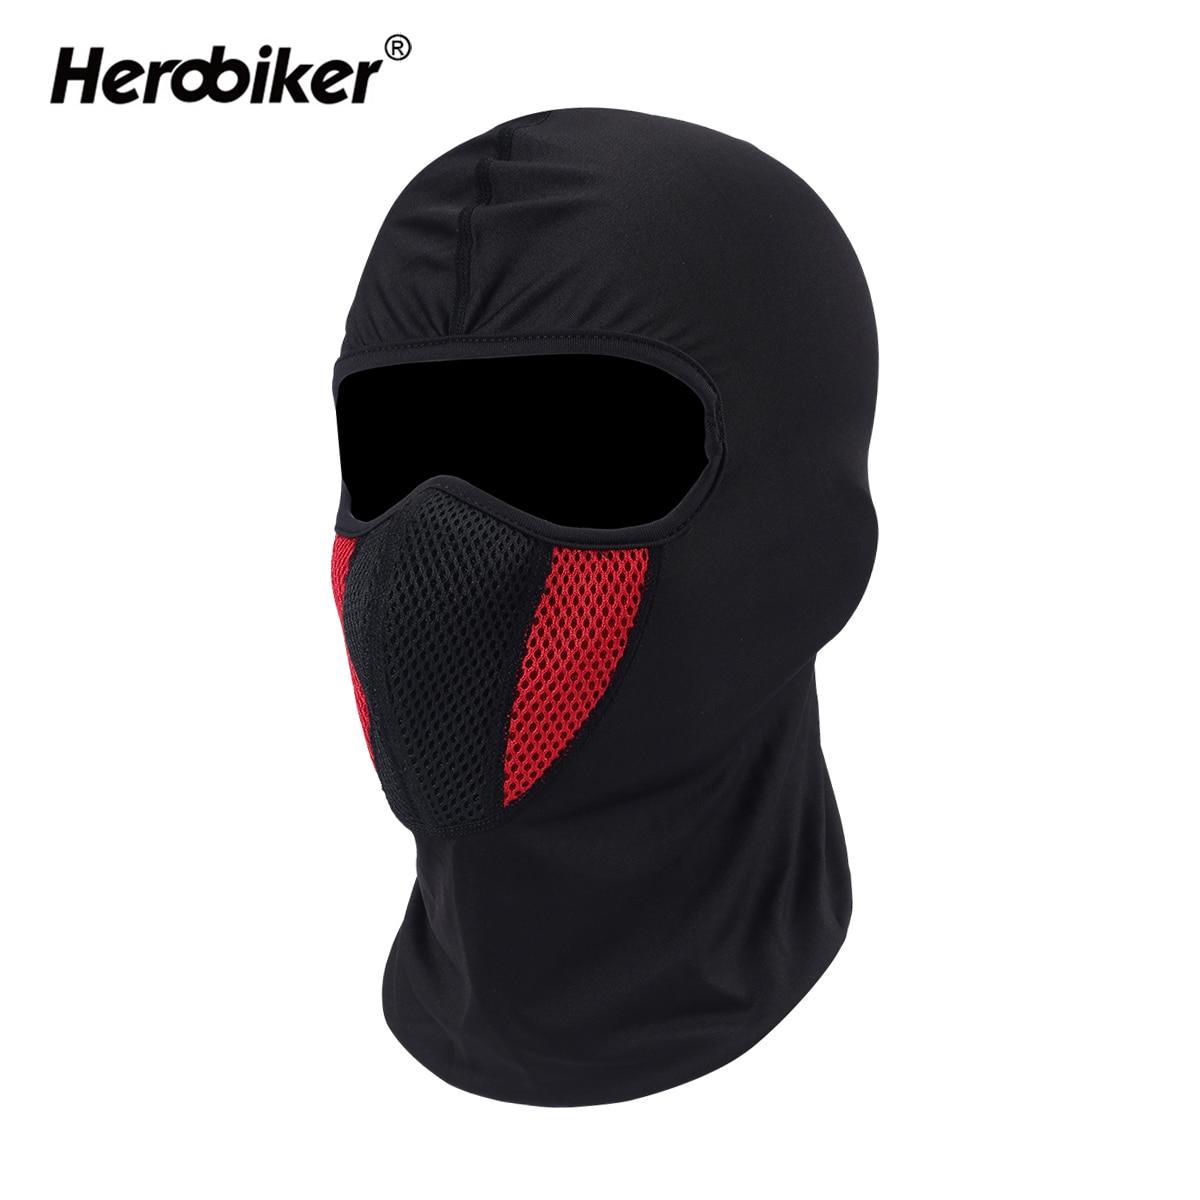 HEROBIKER Balaclava Moto Motocicleta Máscara Facial Rosto Escudo Tático Exército Capacete Cara Cheia Máscara Airsoft Paintball Ciclismo Bicicleta Ski